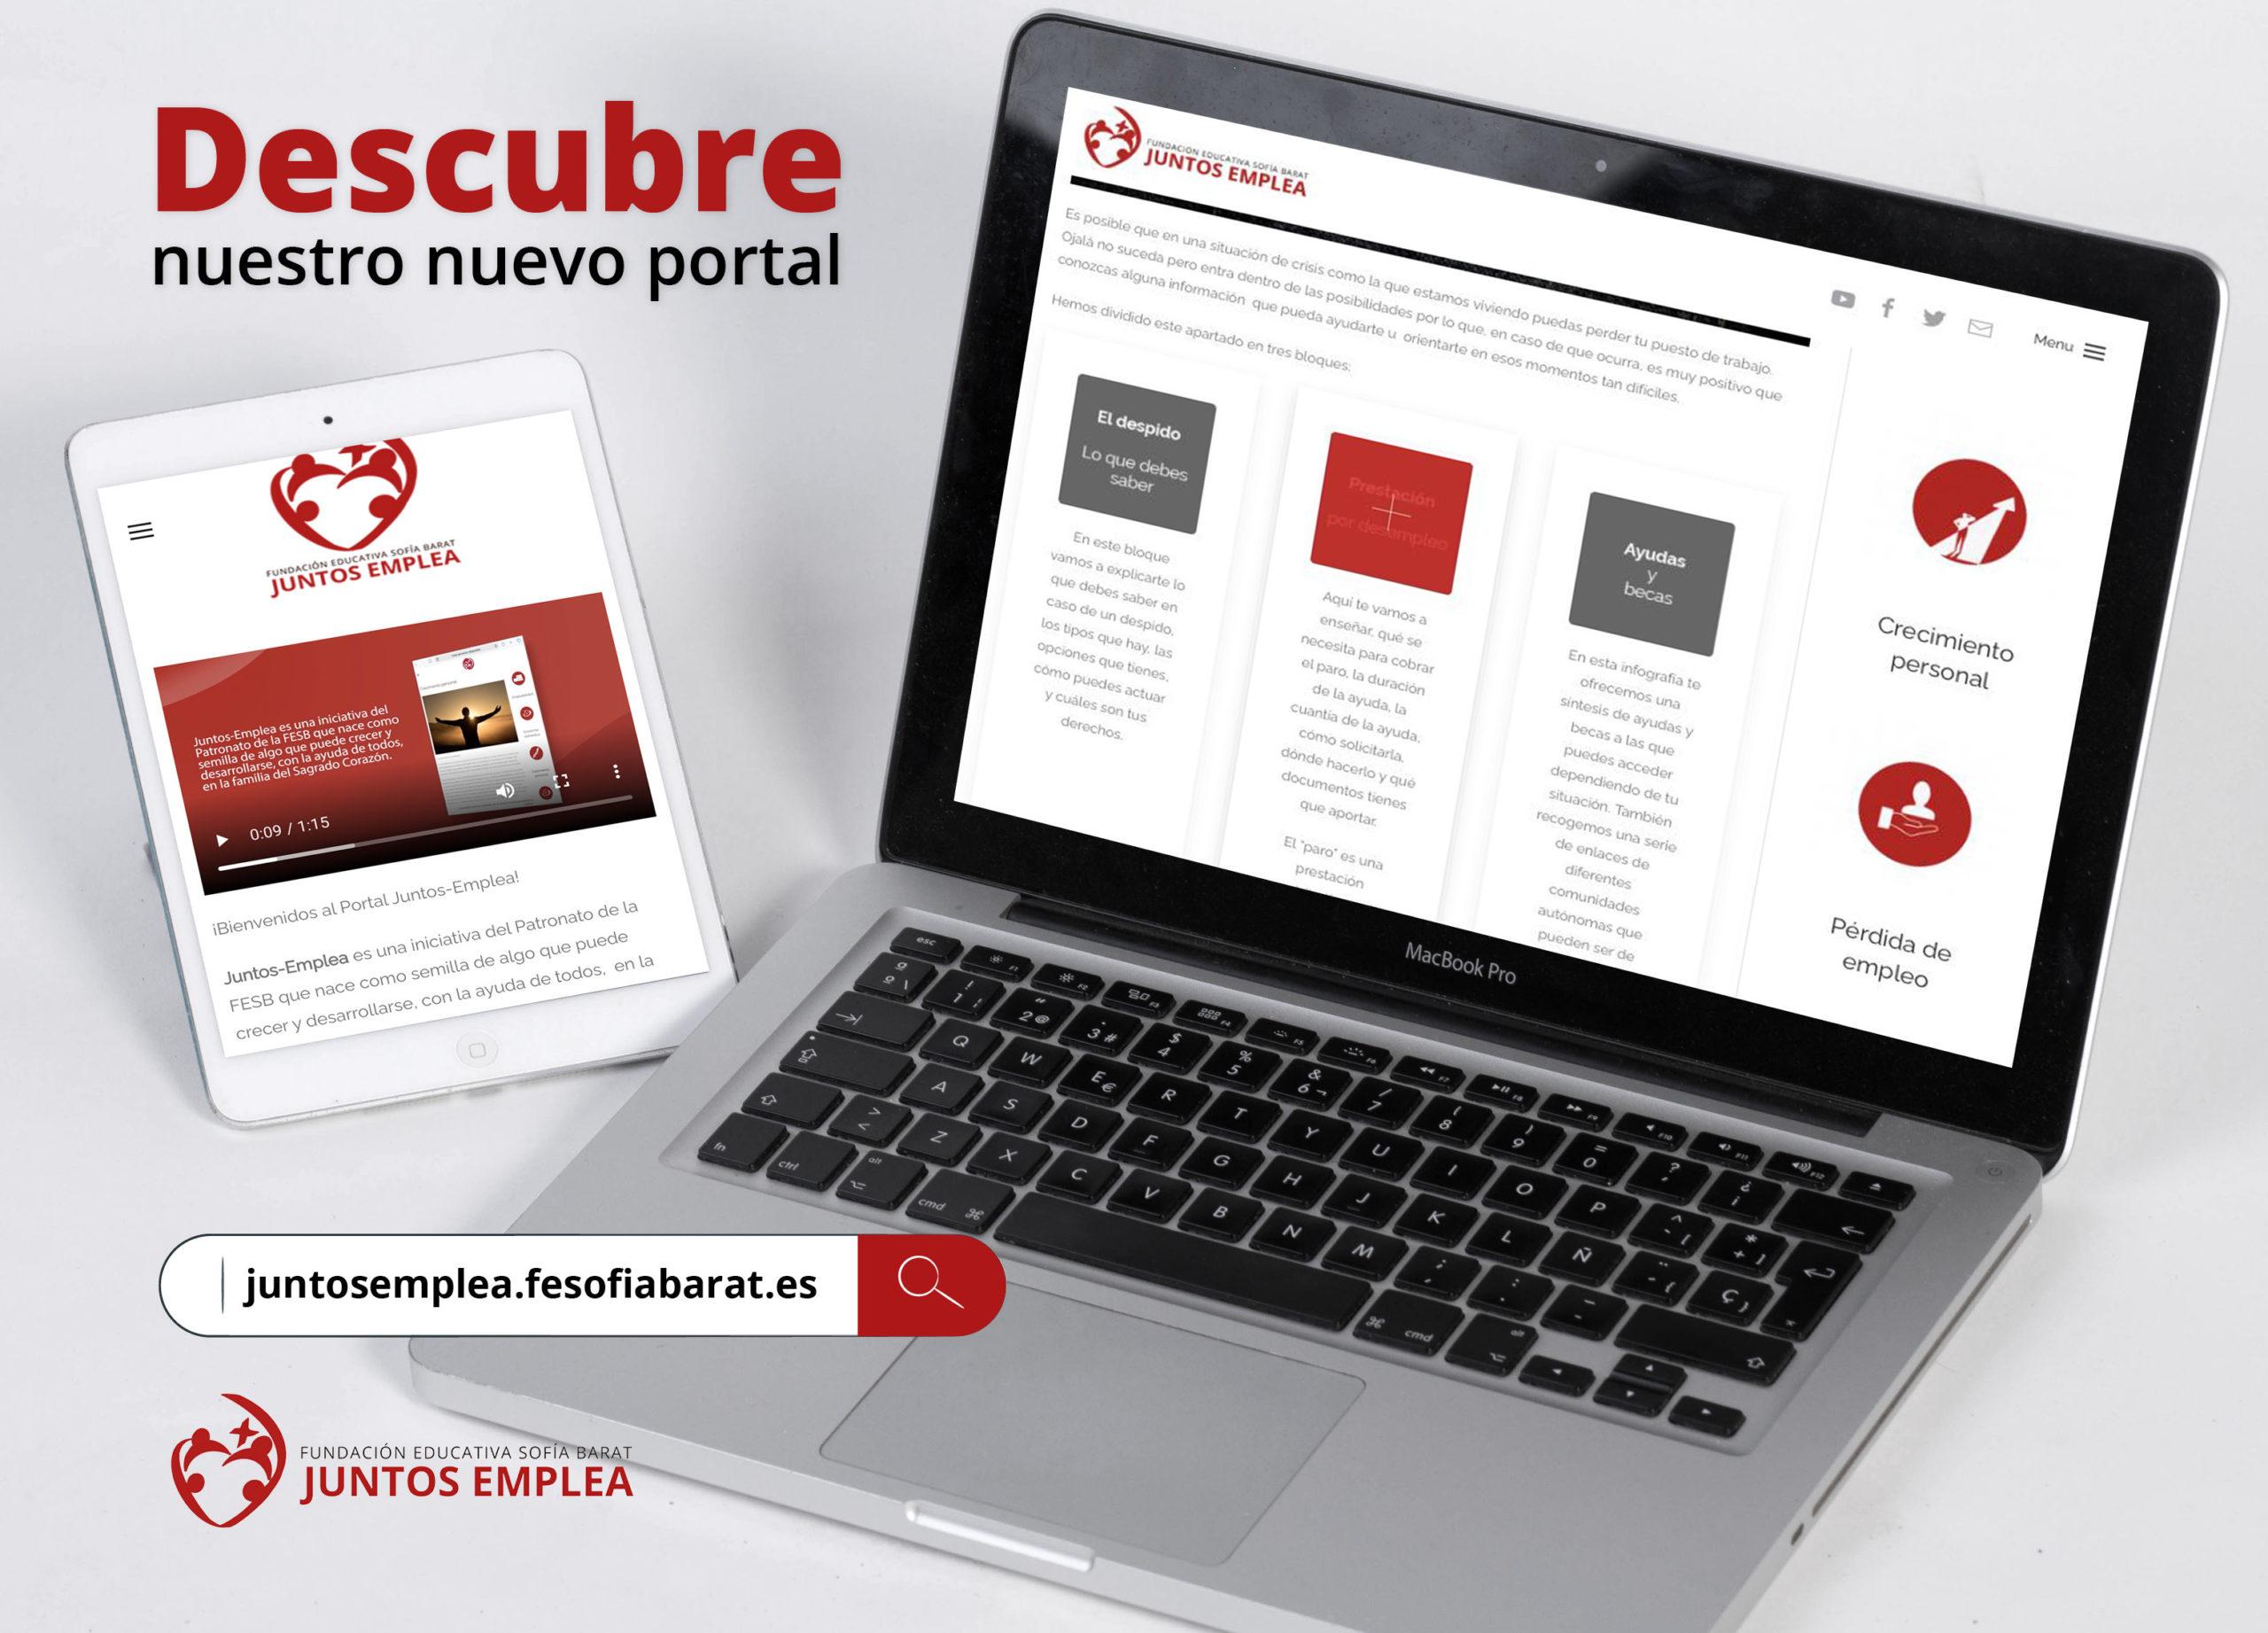 Nuevo portal: Juntos Emplea